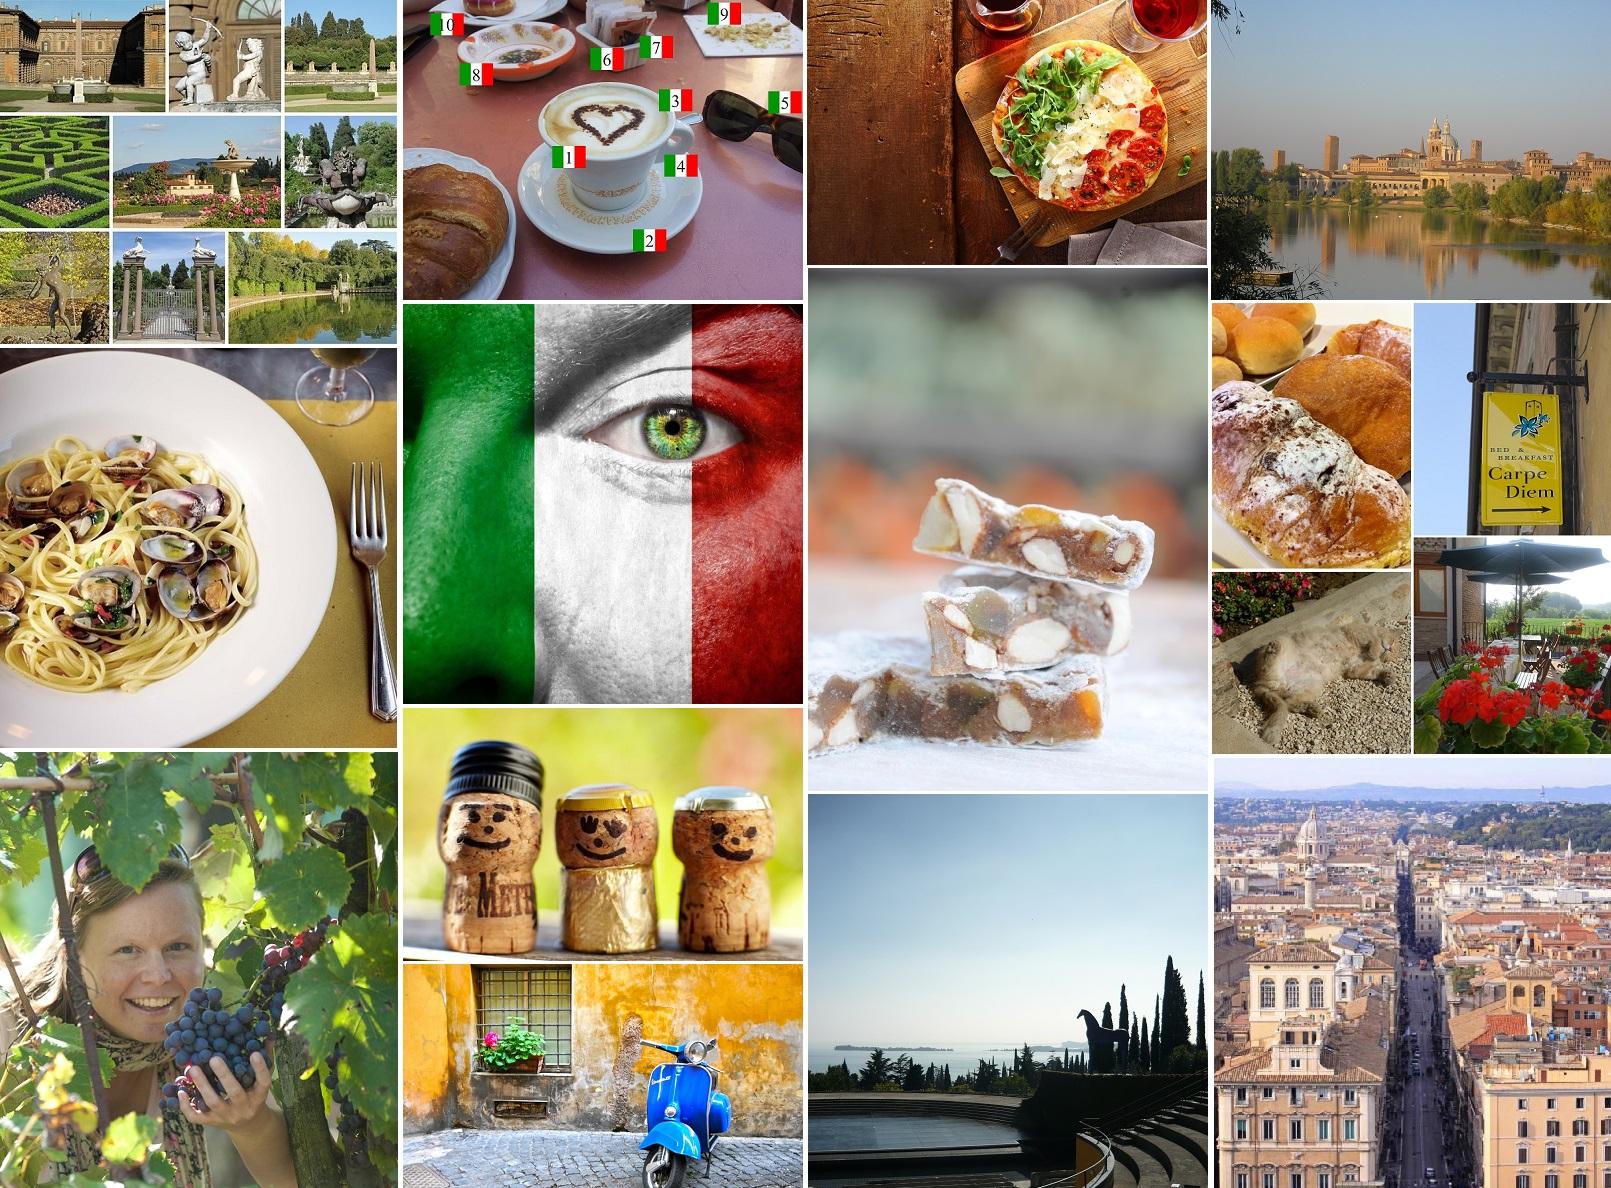 Ciao-tutti-oktober